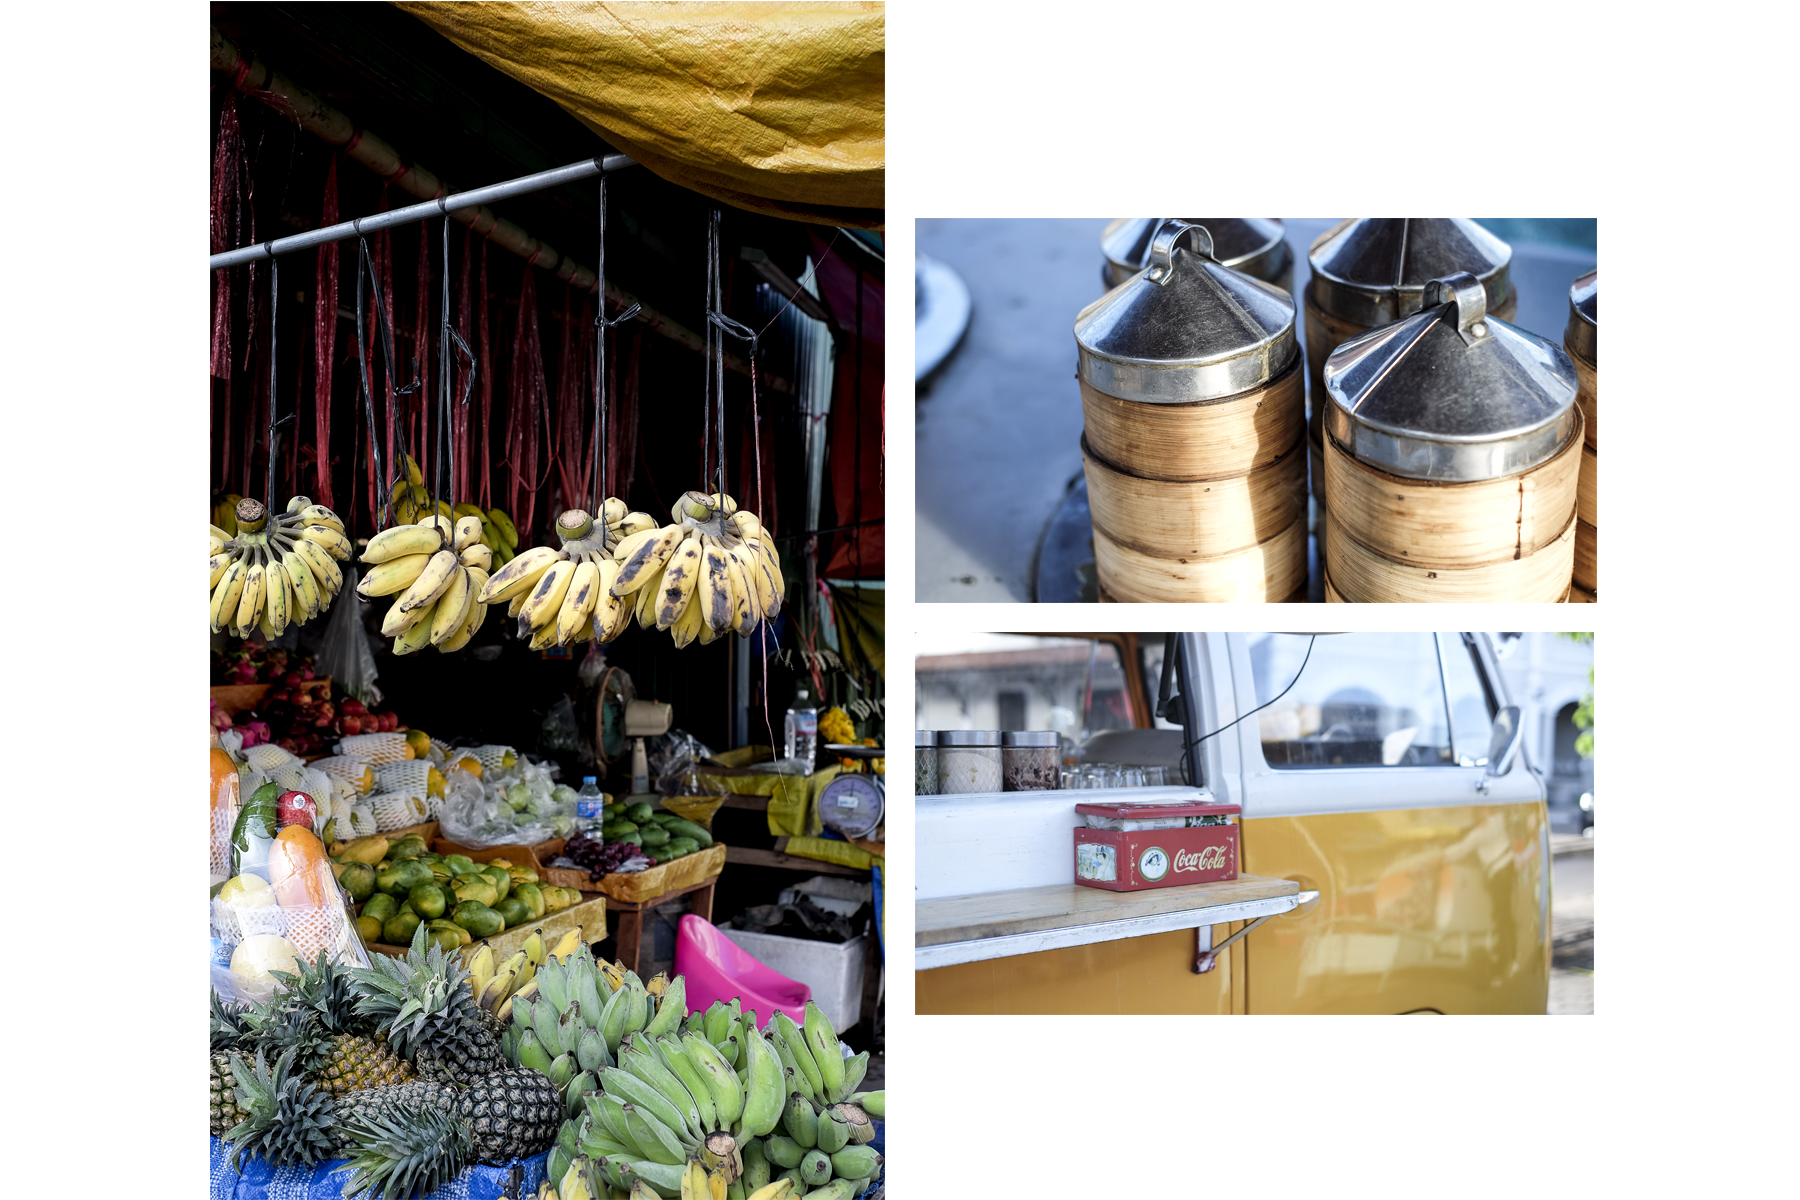 At the night market of Savannakhet